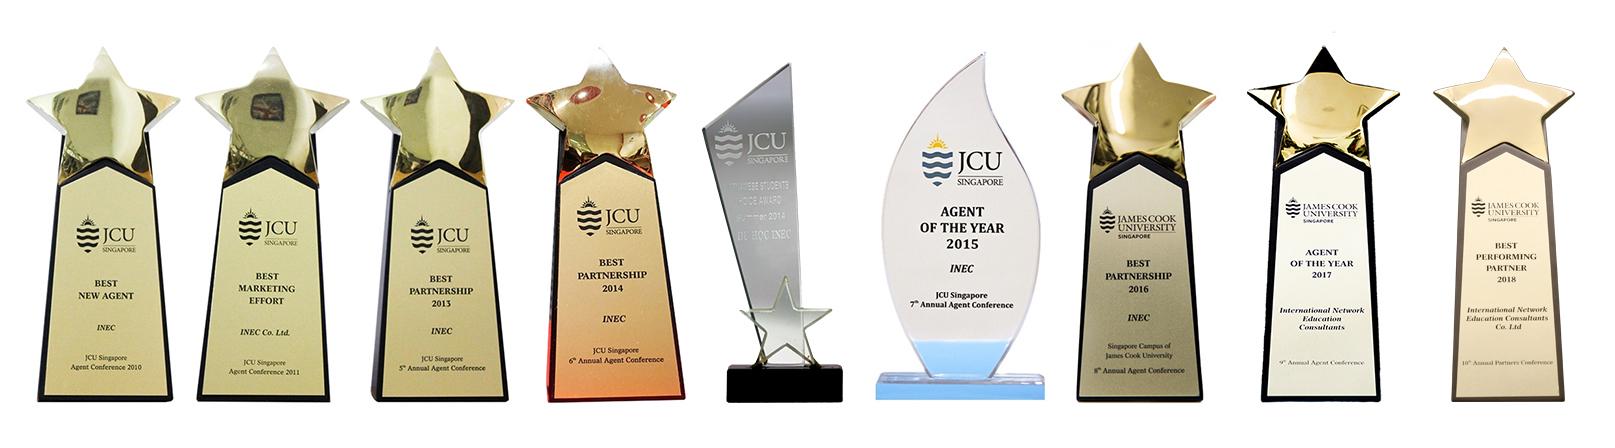 Các giải thưởng Đại học James Cook Singapore trao tặng cho INEC vì những thành tích xuất sắc trong công tác tuyển sinh